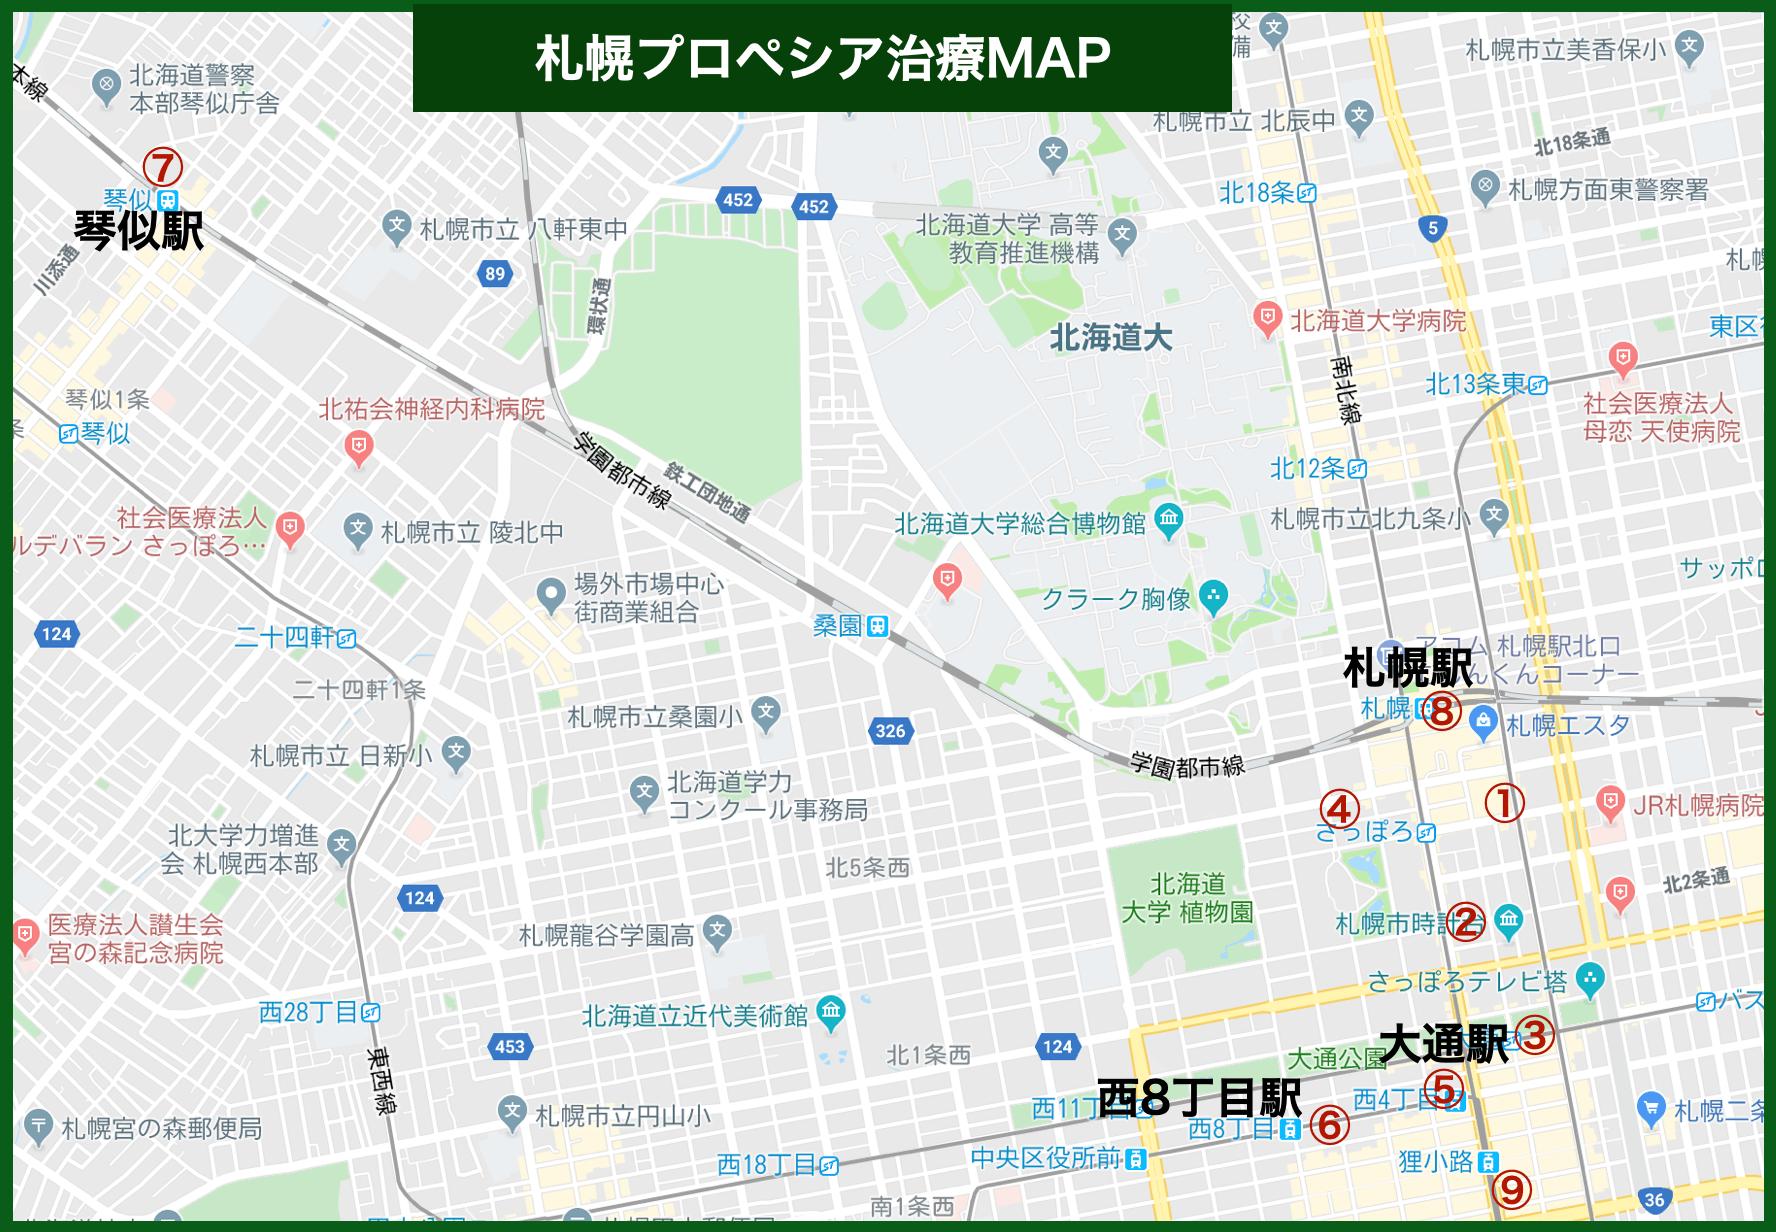 札幌プロペシア治療MAP